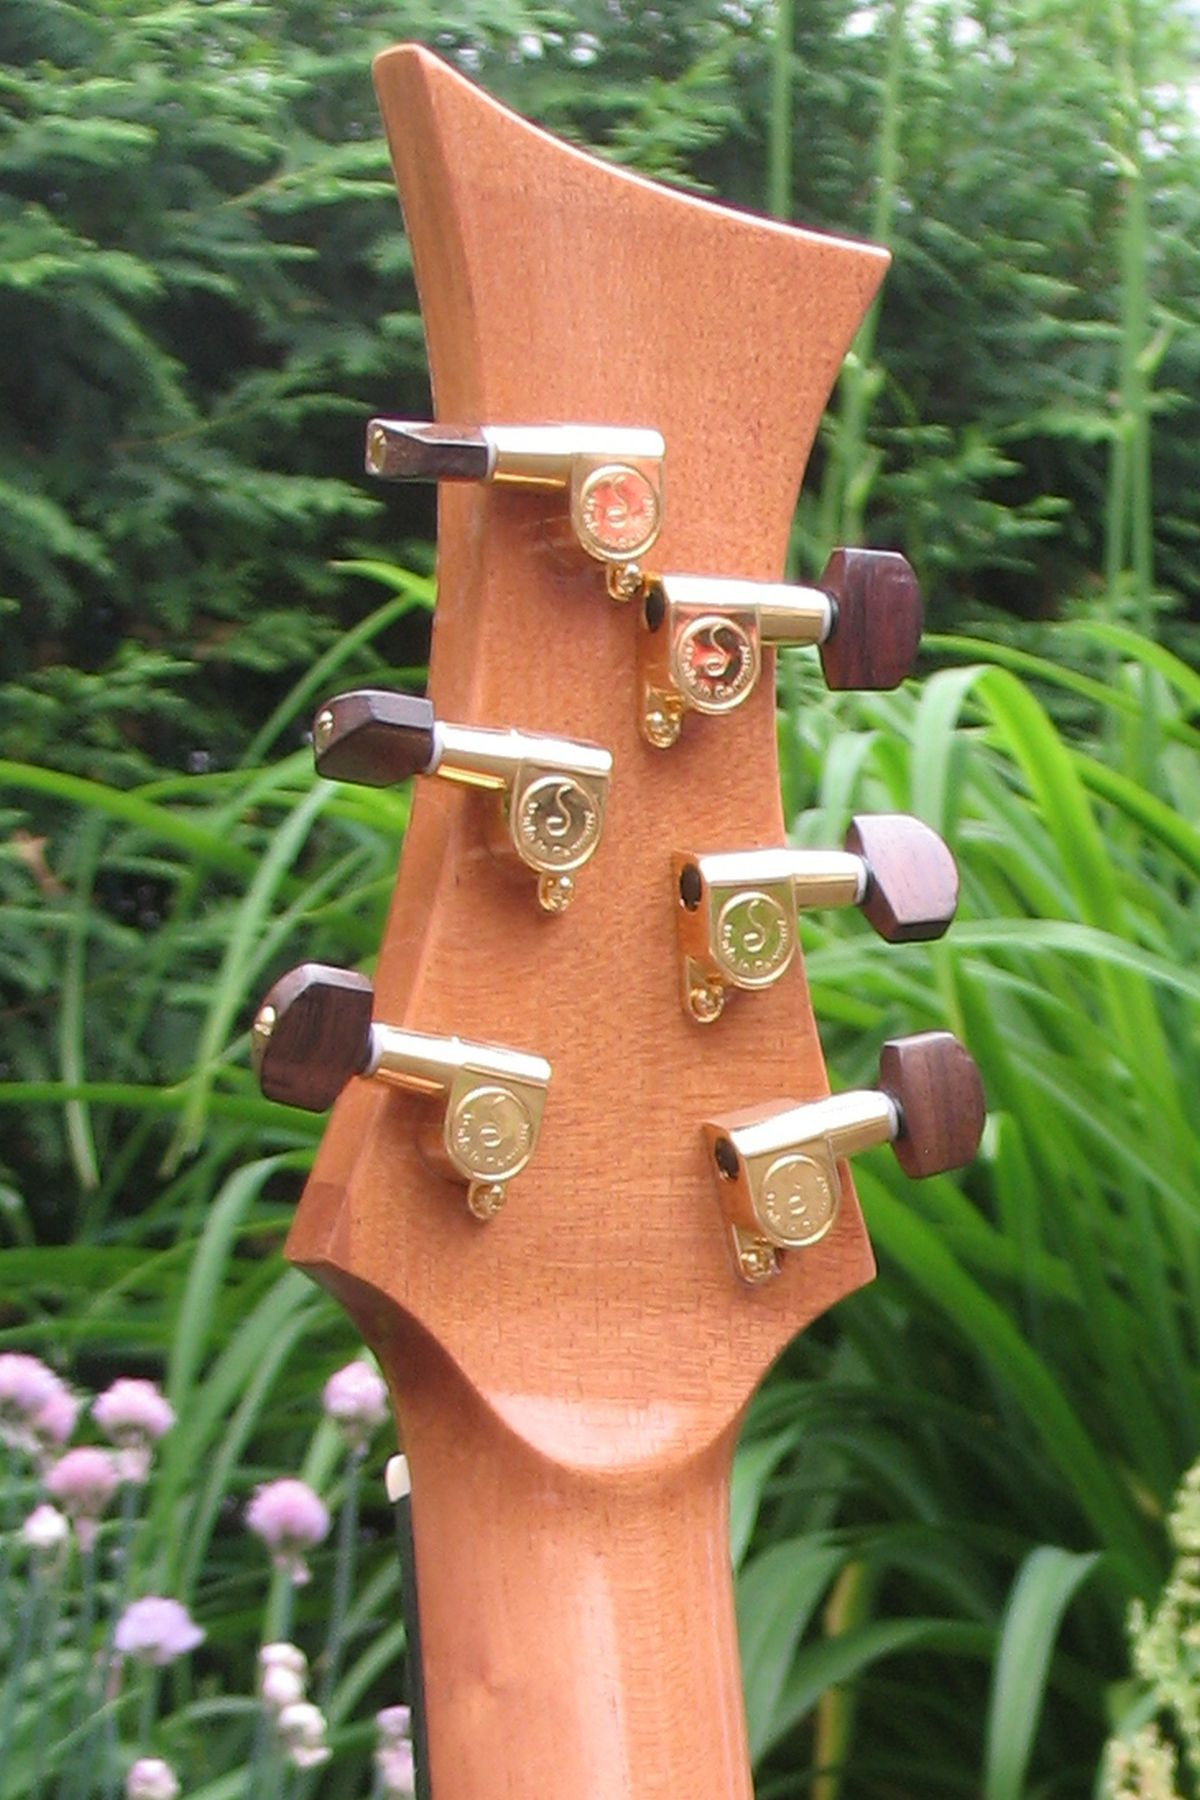 Stoll Steelstring Guitar Ambition Silver Oak Custom - head